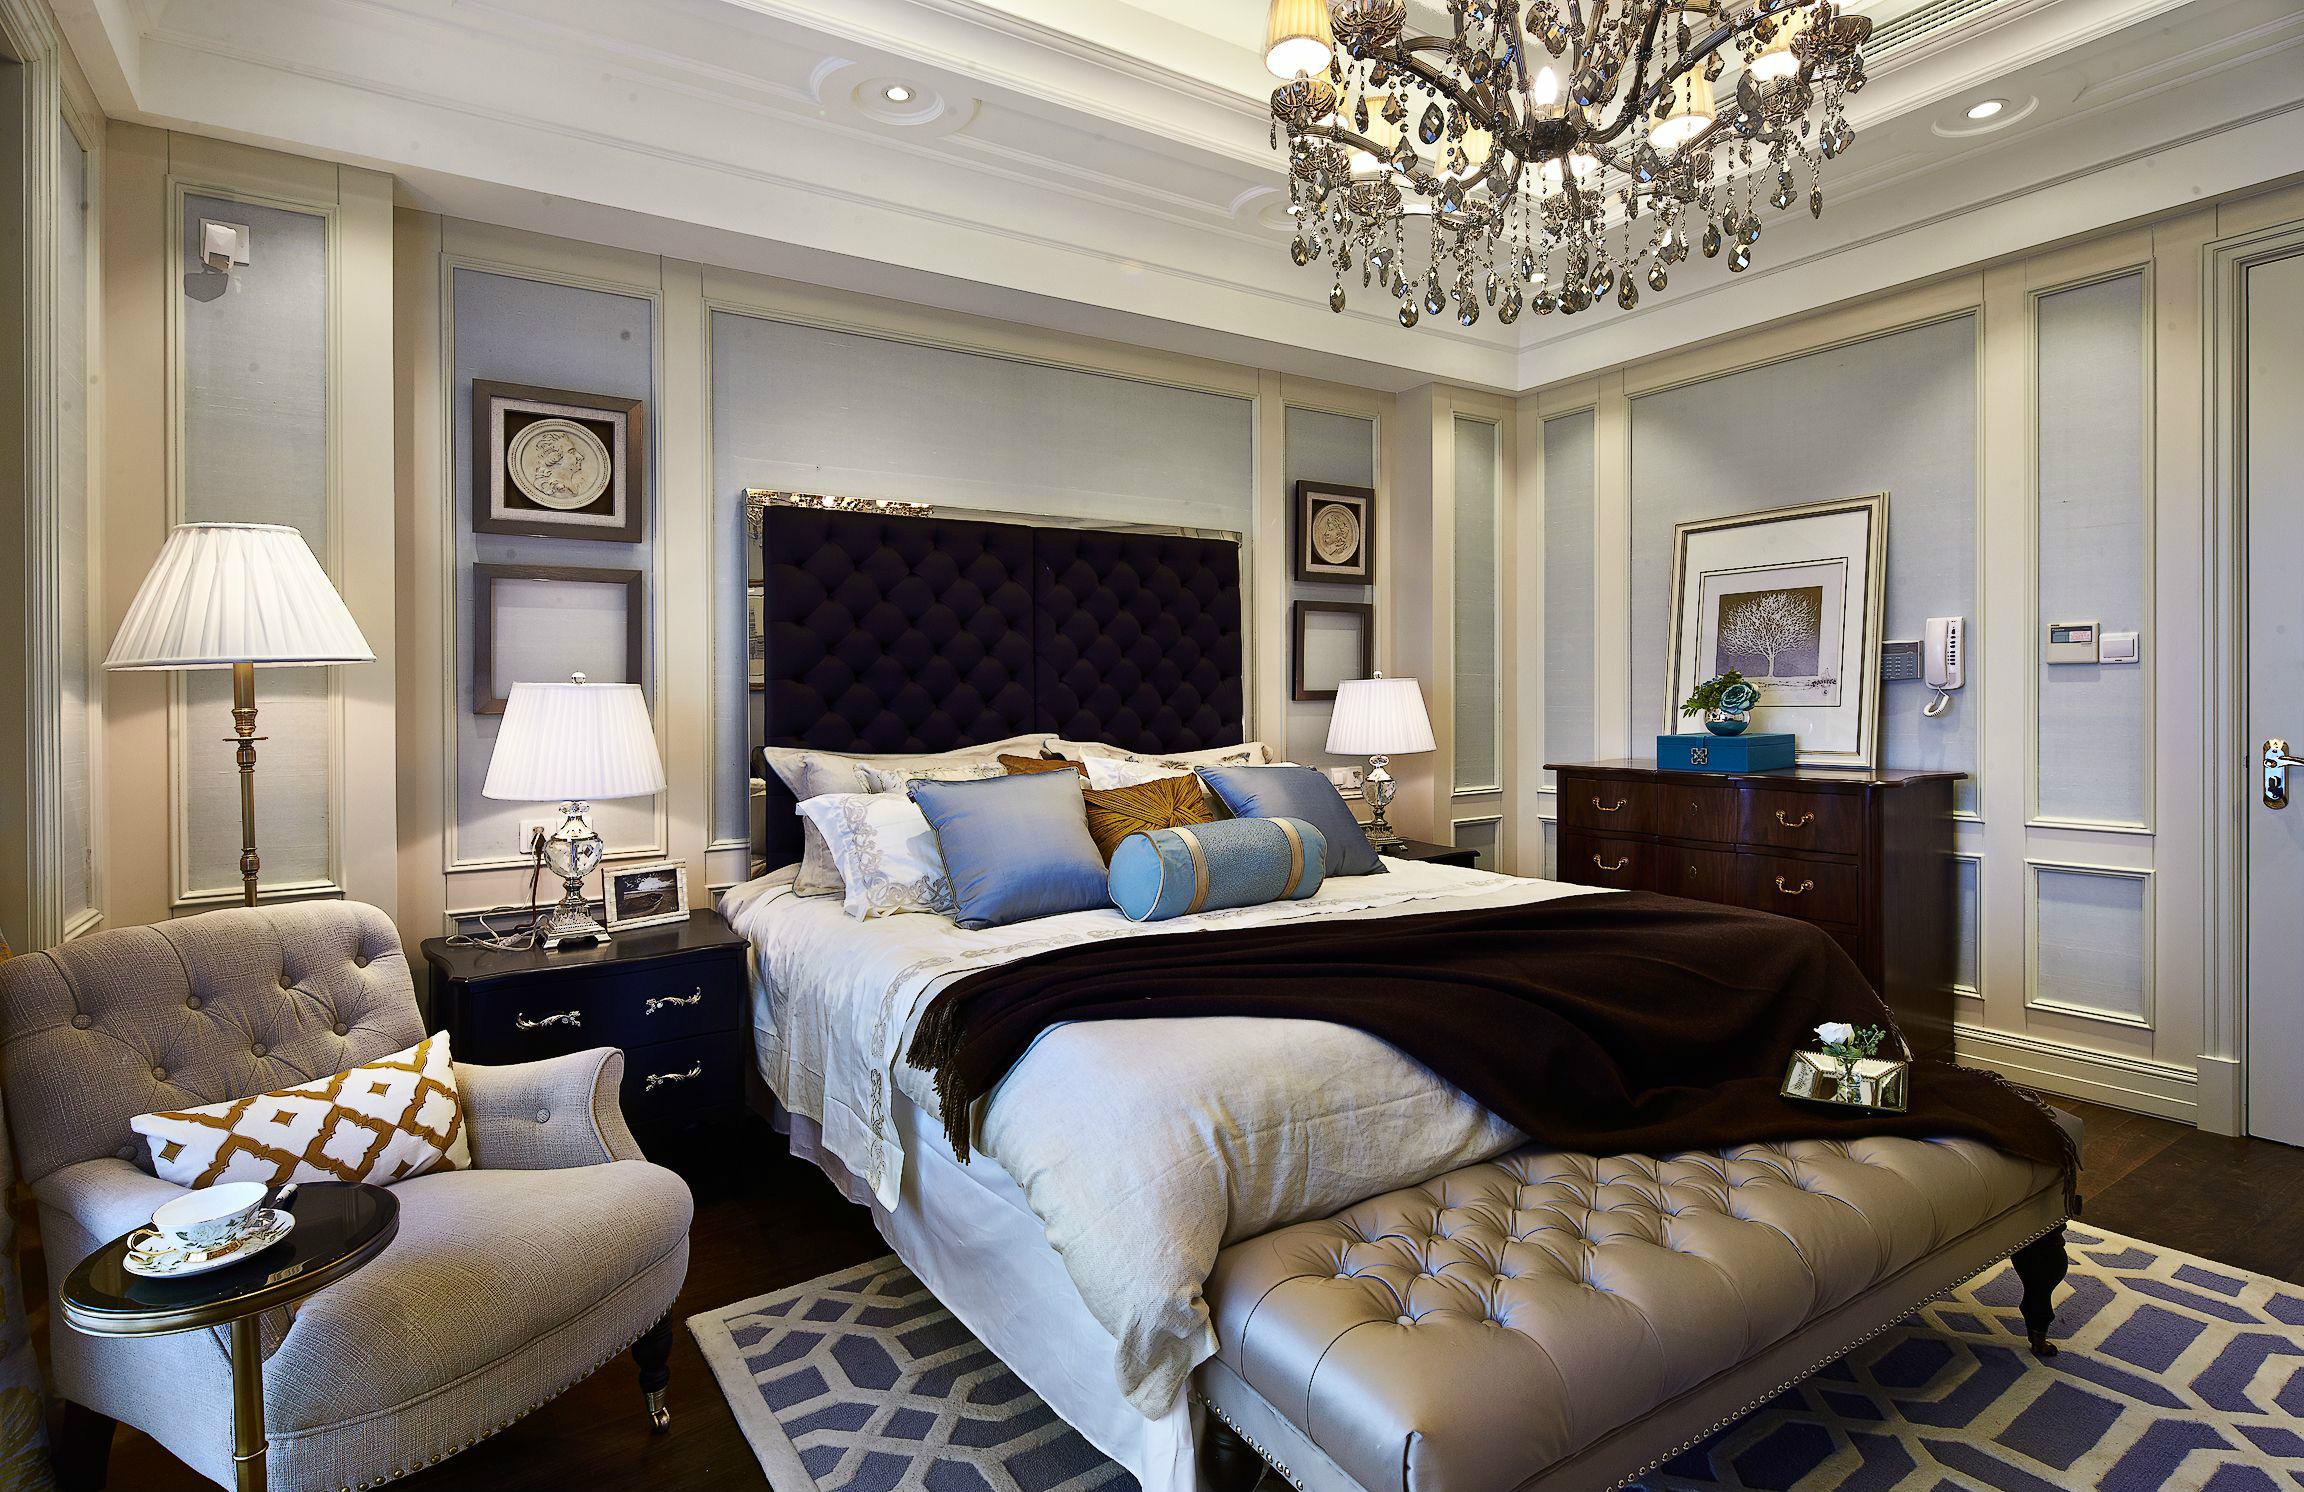 主臥整個室內在華麗的燈池的照耀下格外溫馨,在臥室放置單人沙發,也可以成為陶冶情操的好去處。